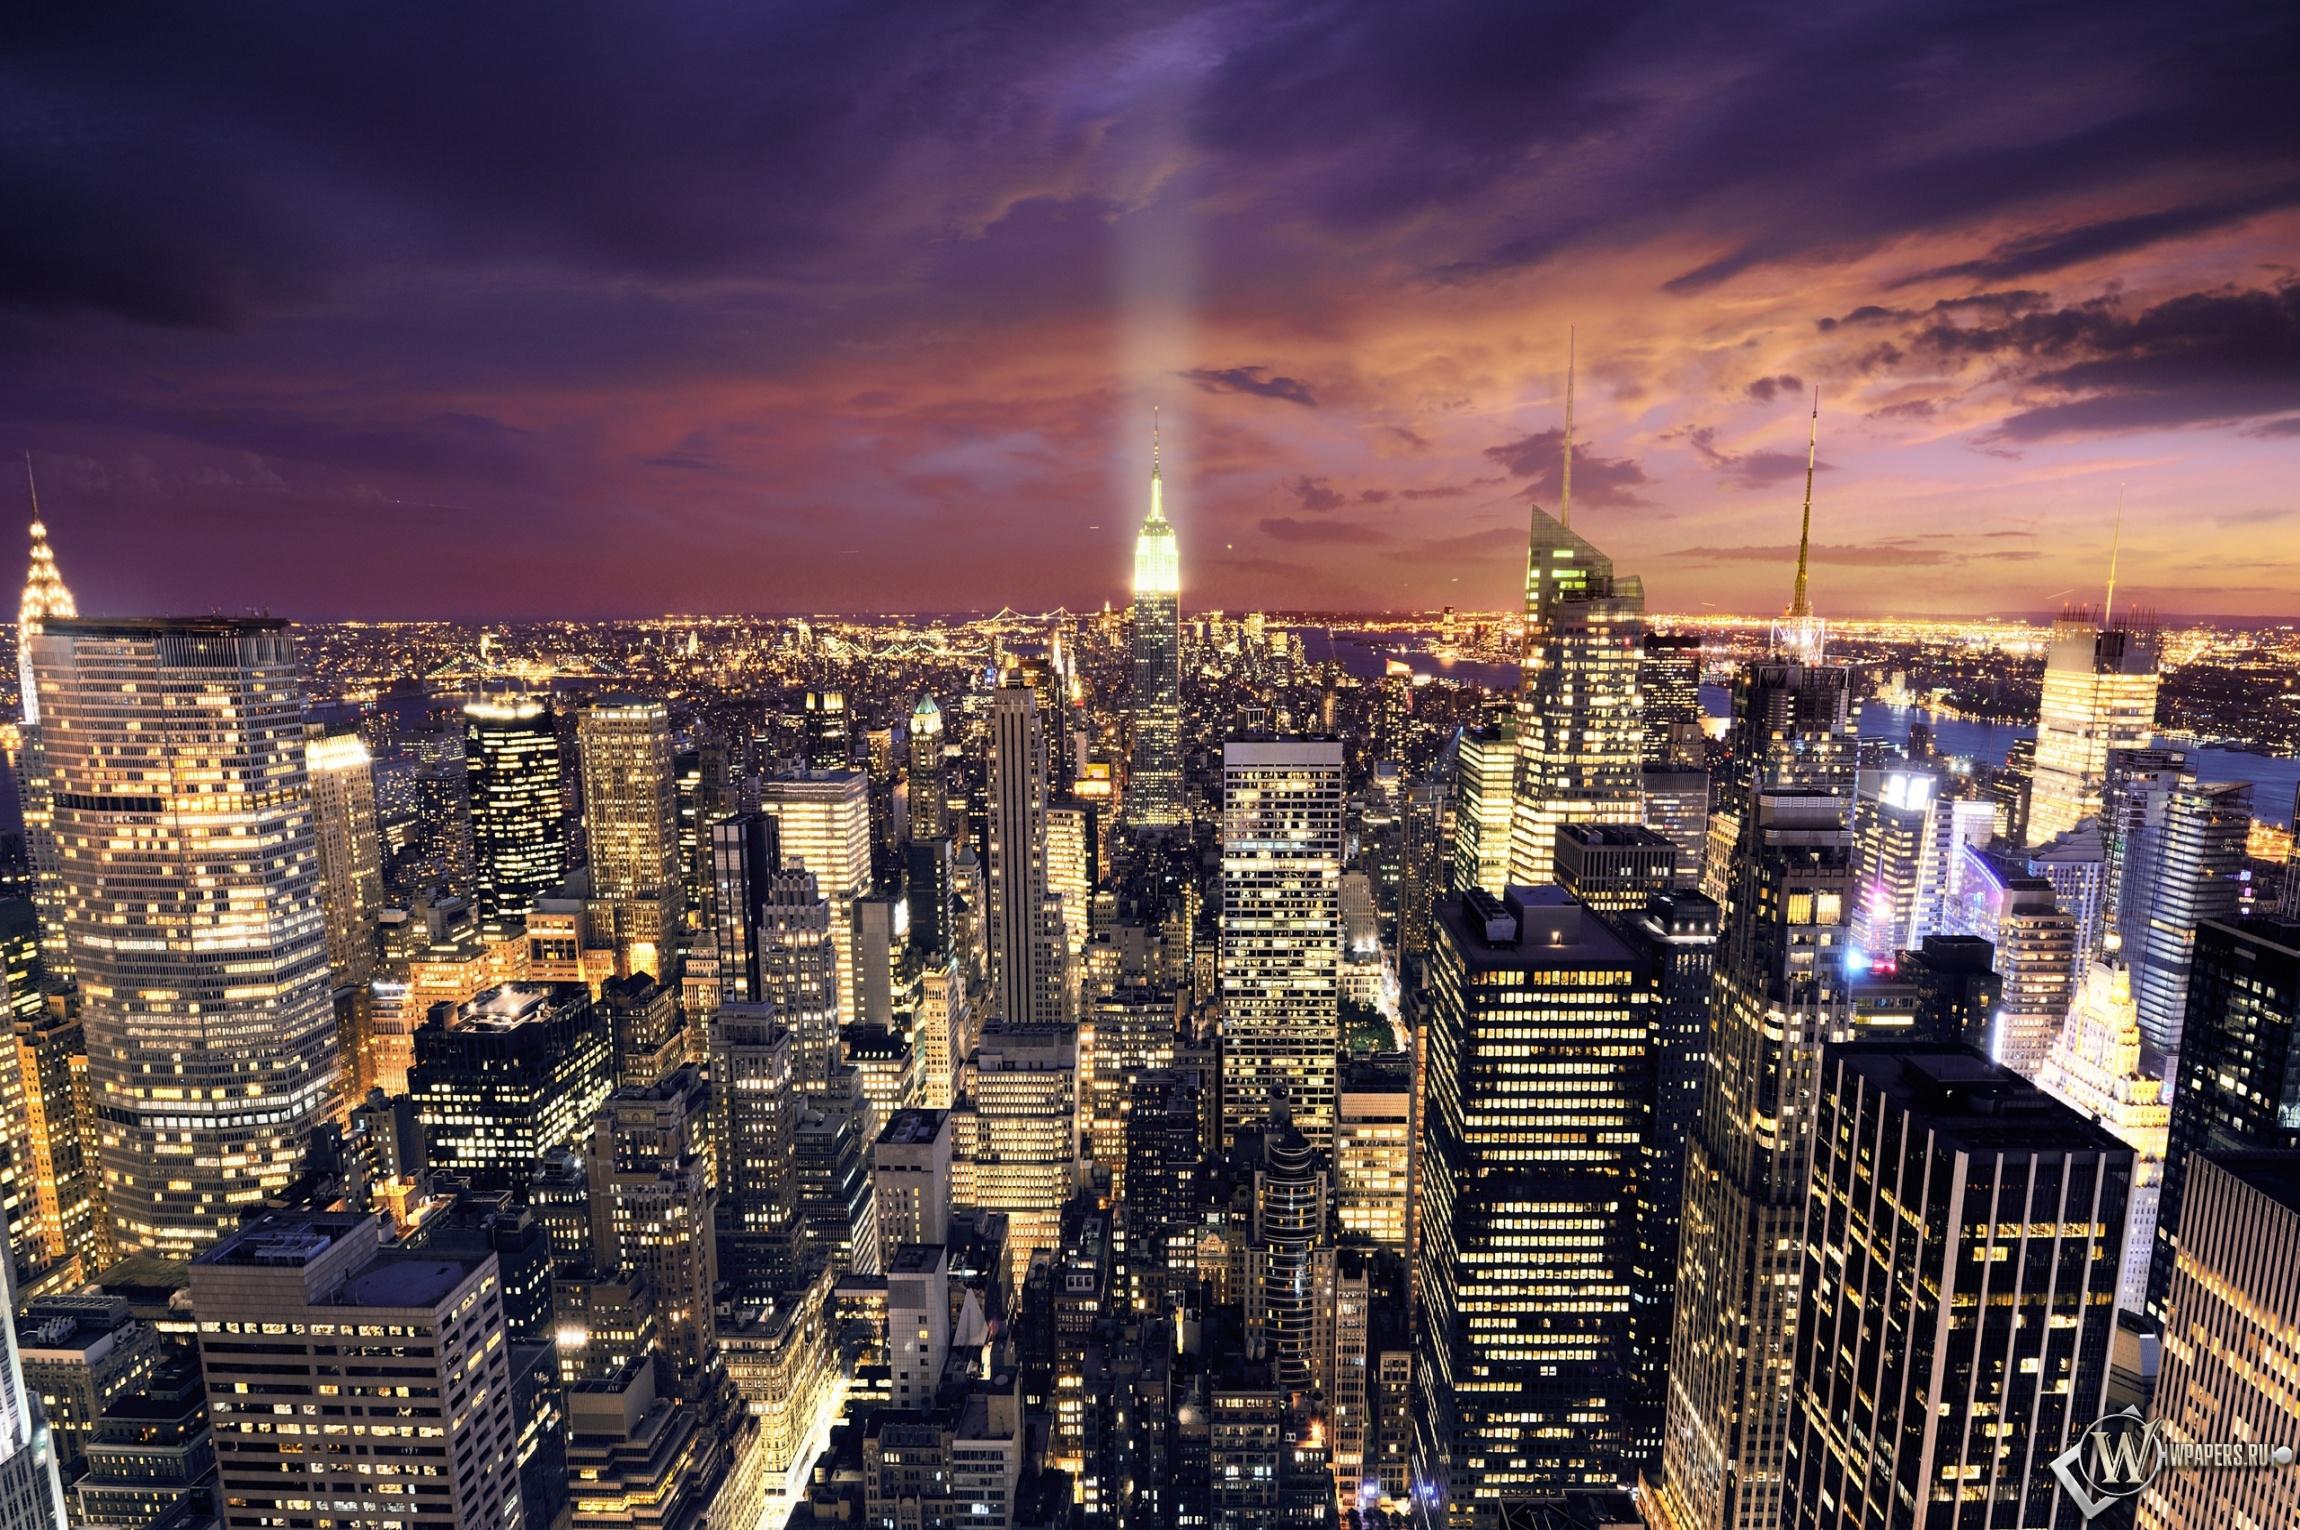 Ночной Нью-Йорк 2300x1530